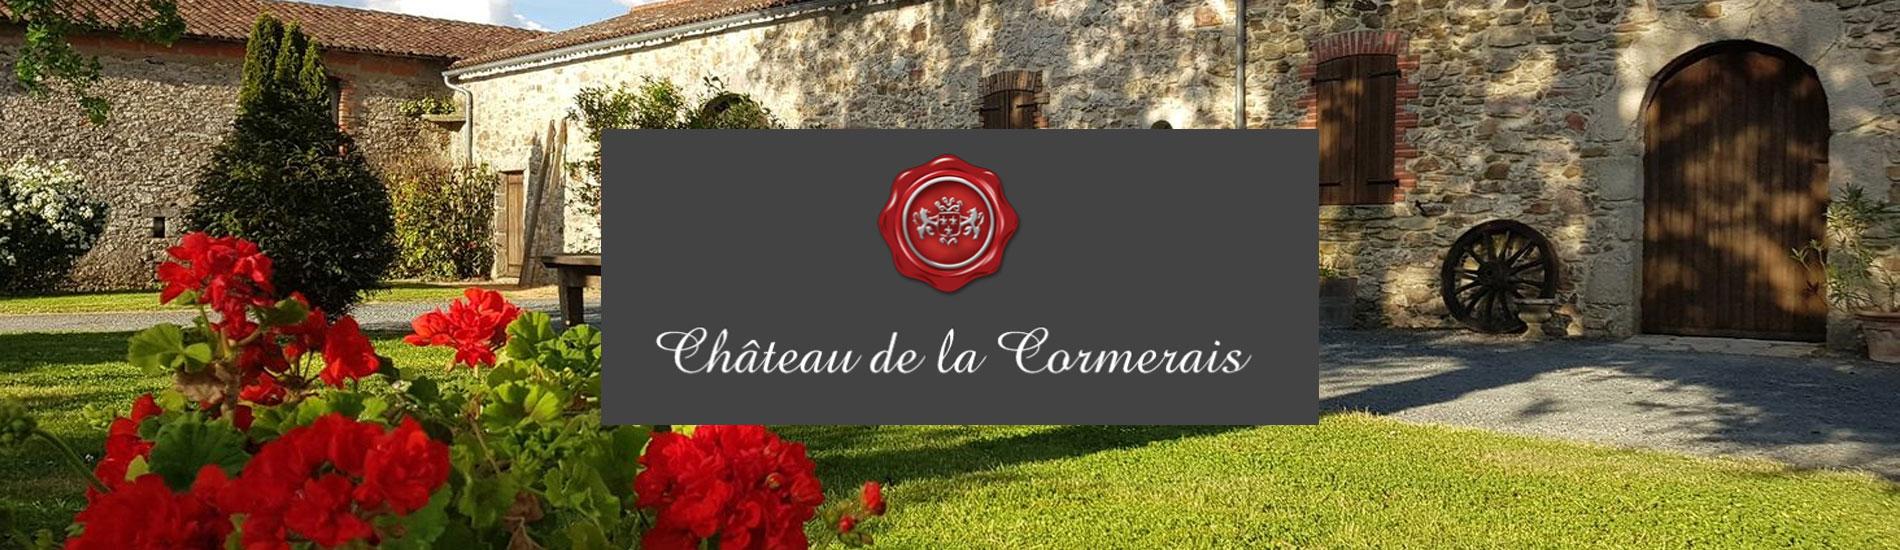 CHÂTEAU DE LA CORMERAIS